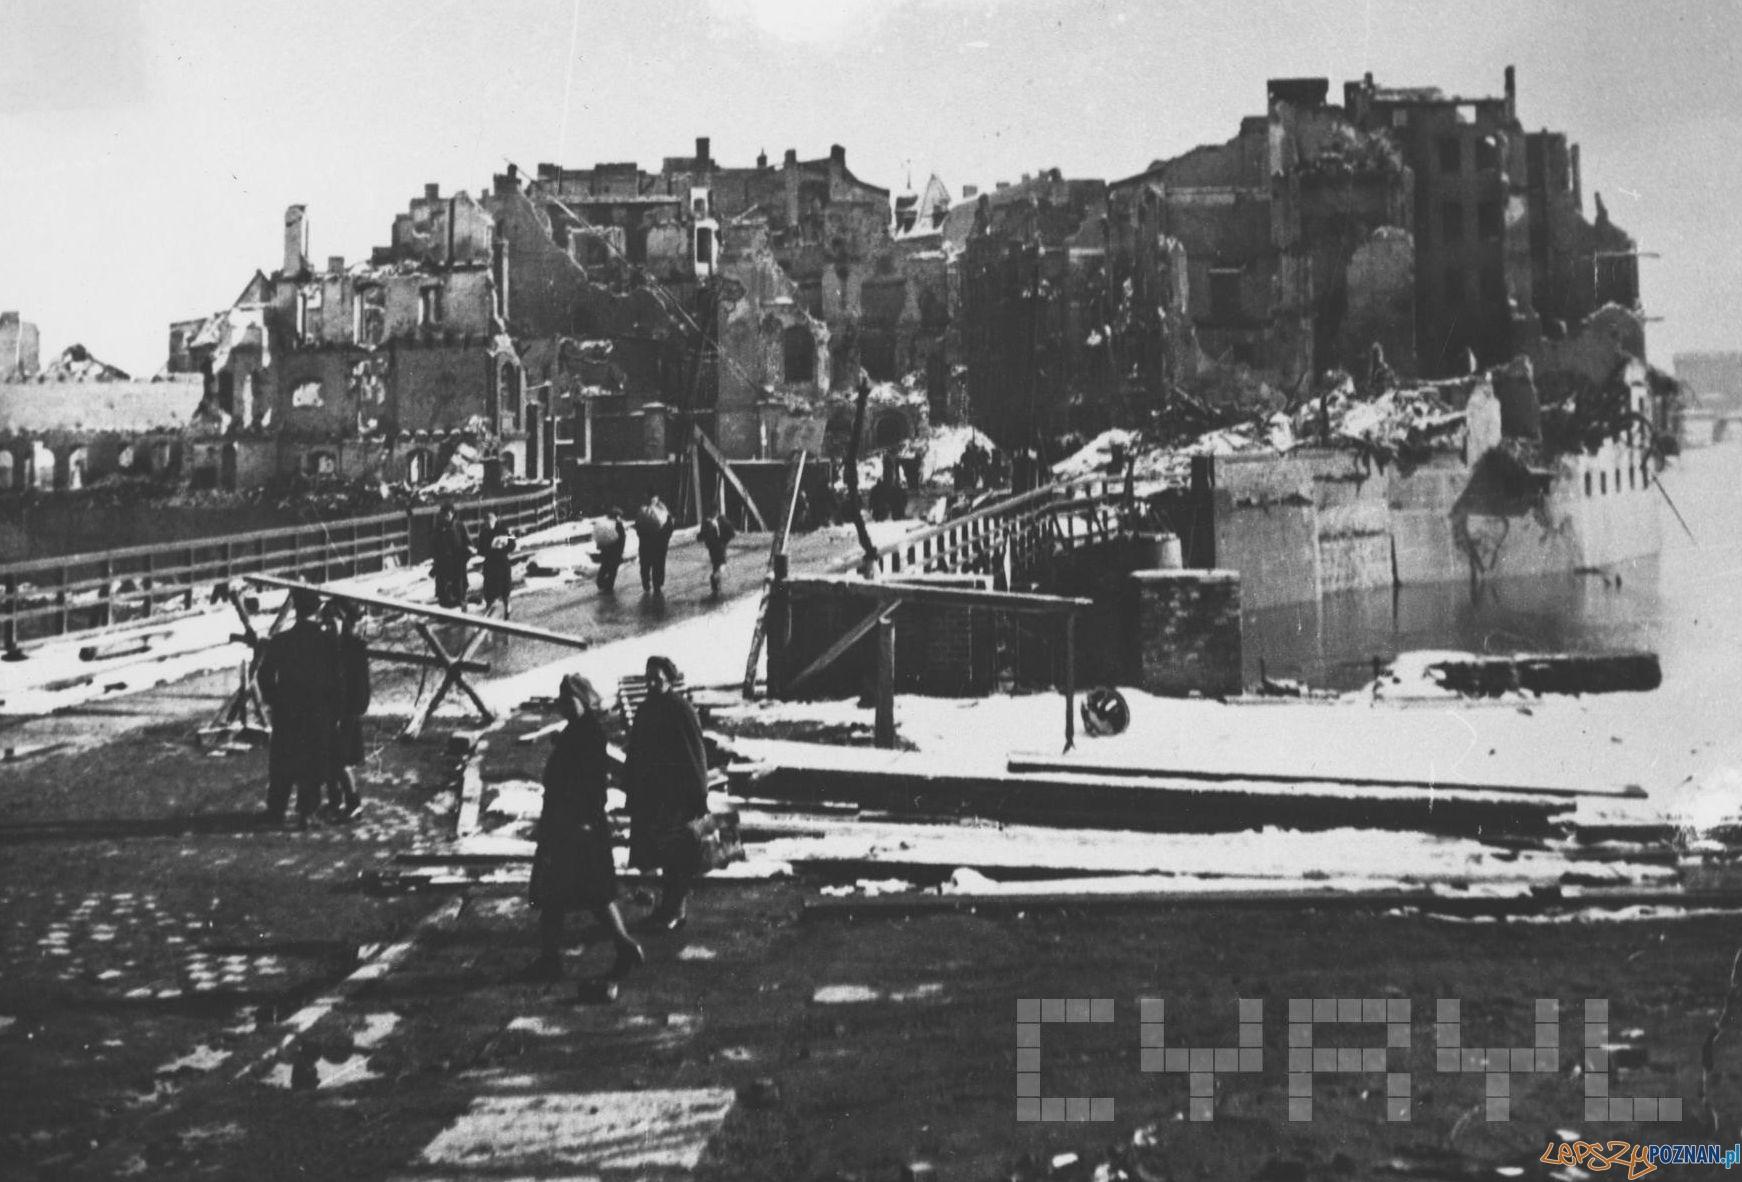 Chwaliszewo - 1945  Foto: Zbigniew Zielonacki, kolekcja Adama Drogomireckiego / Cyryl